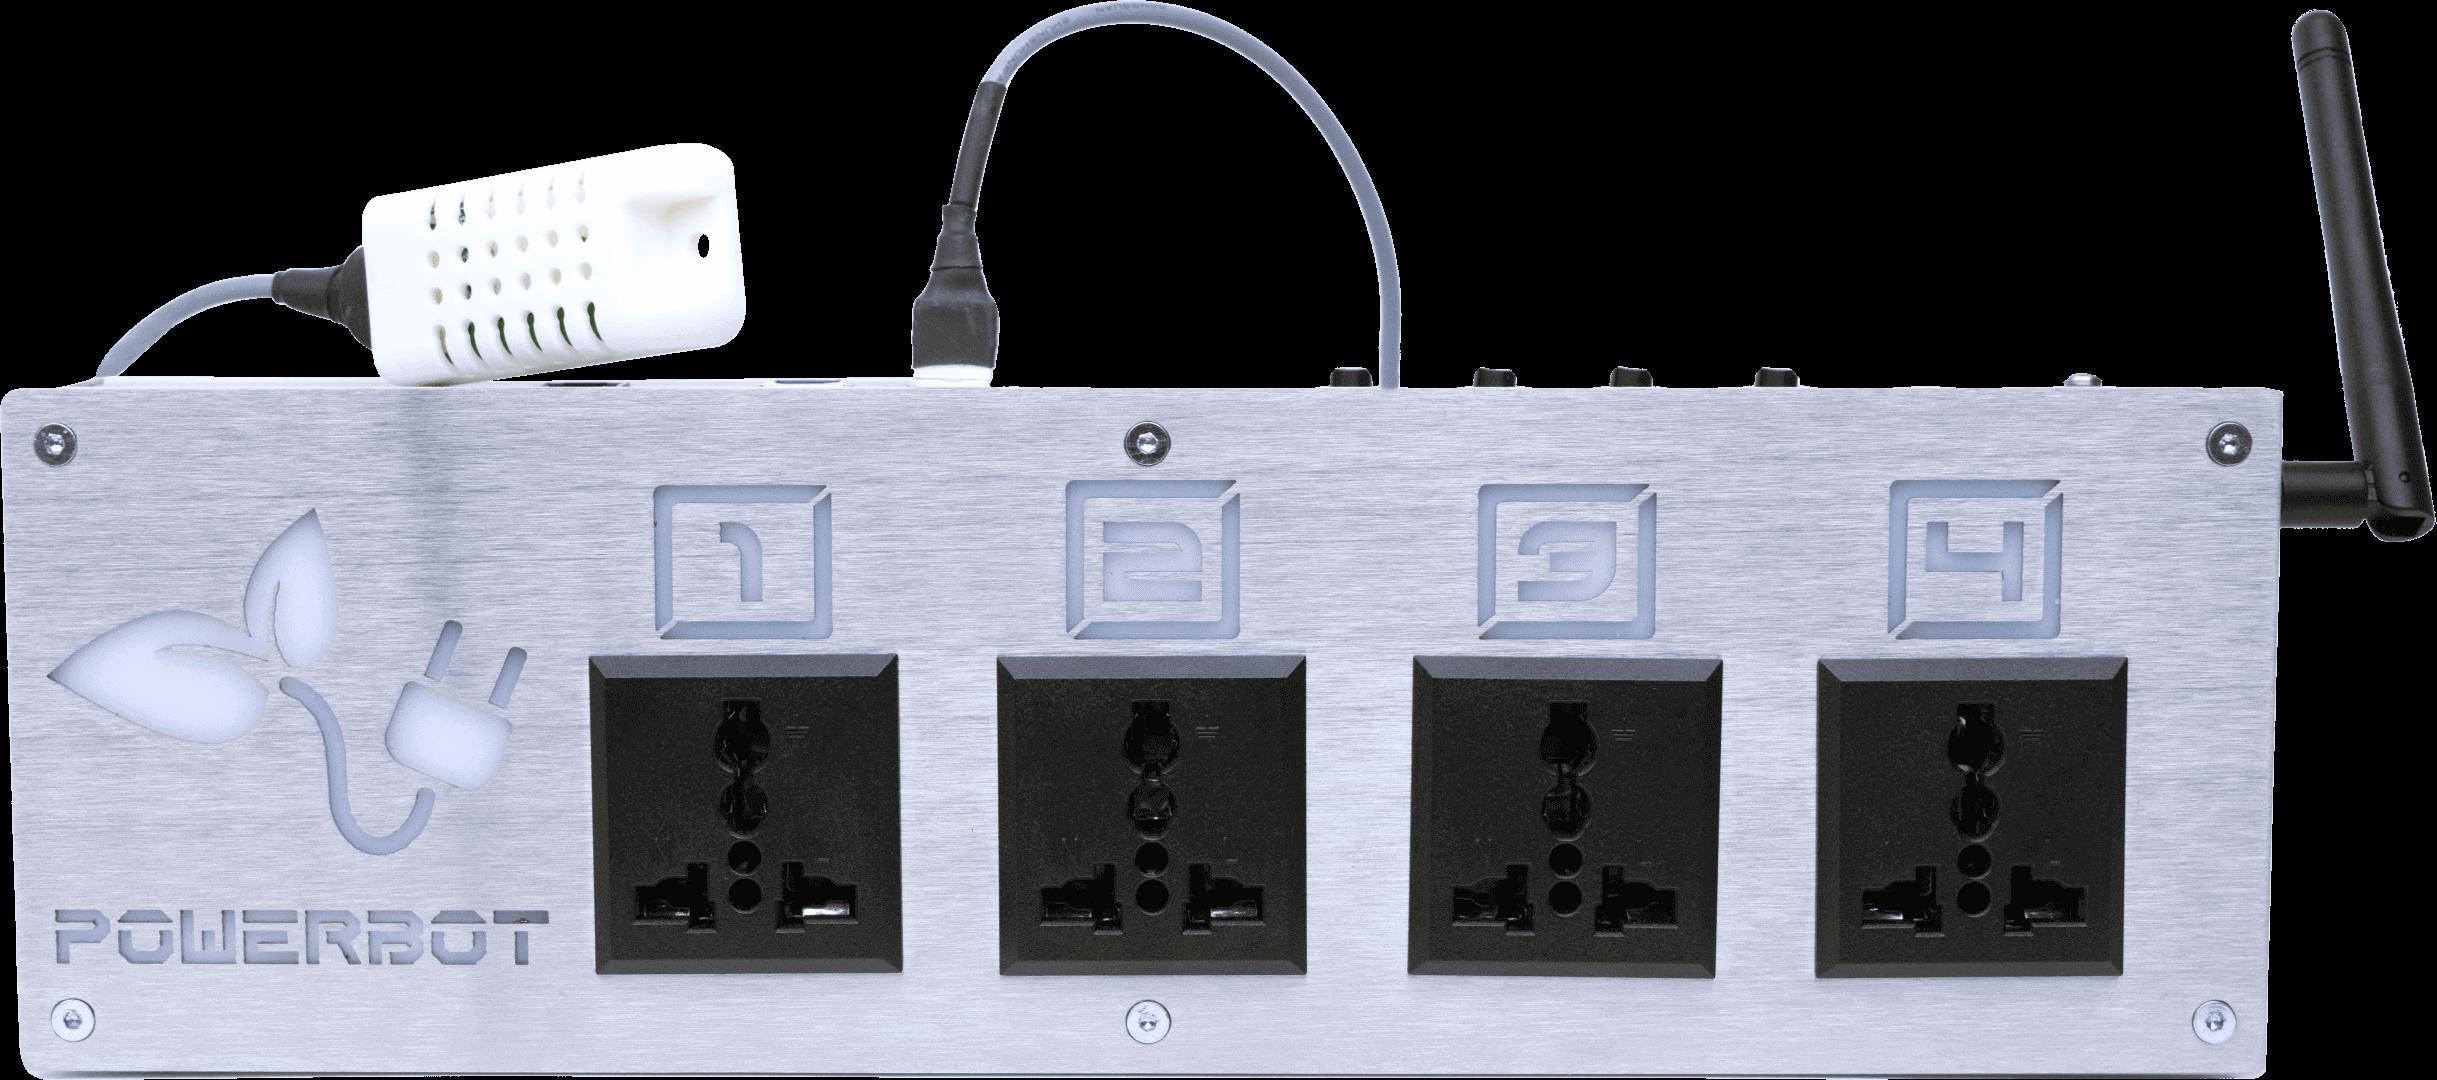 Vista frontal do PowerBot, o módulo fornecedor de energia com controlo ambiental do controlador agrícola GroLab™